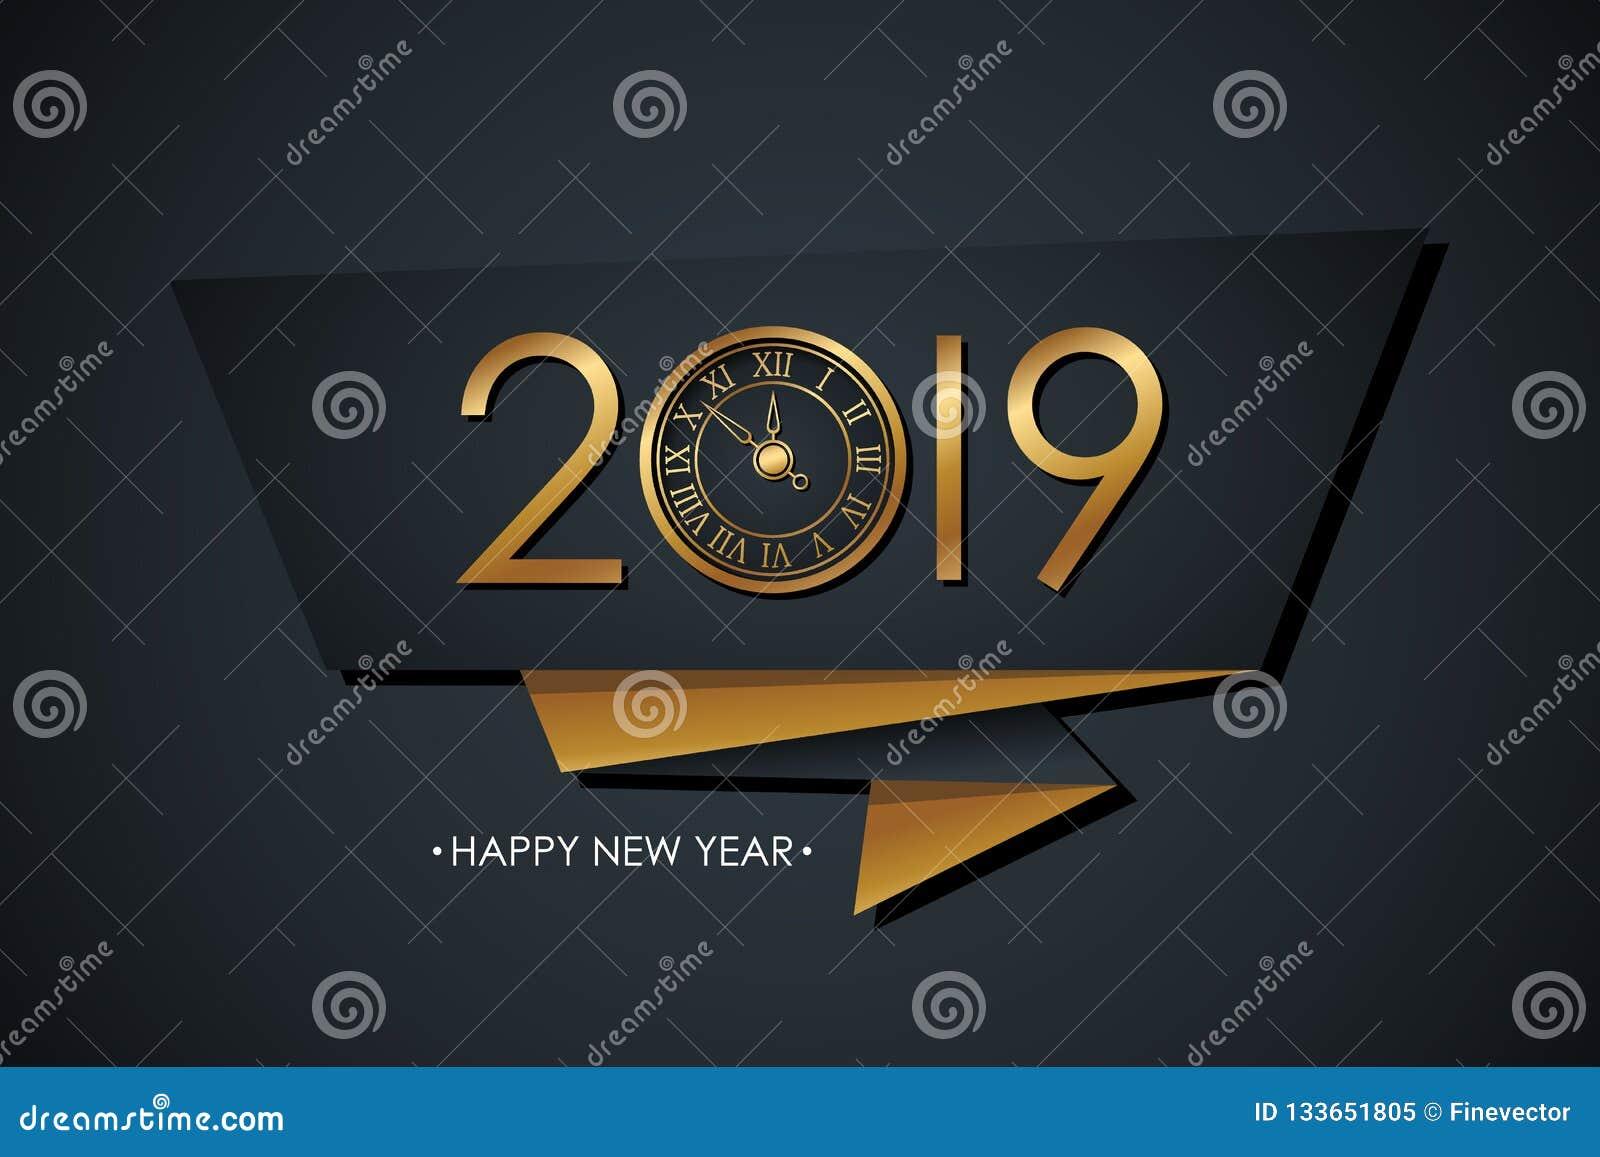 2019 Felices Año Nuevo celebran la bandera con oro colorearon diseño de 2019 textos, el reloj del Año Nuevo y el fondo negro